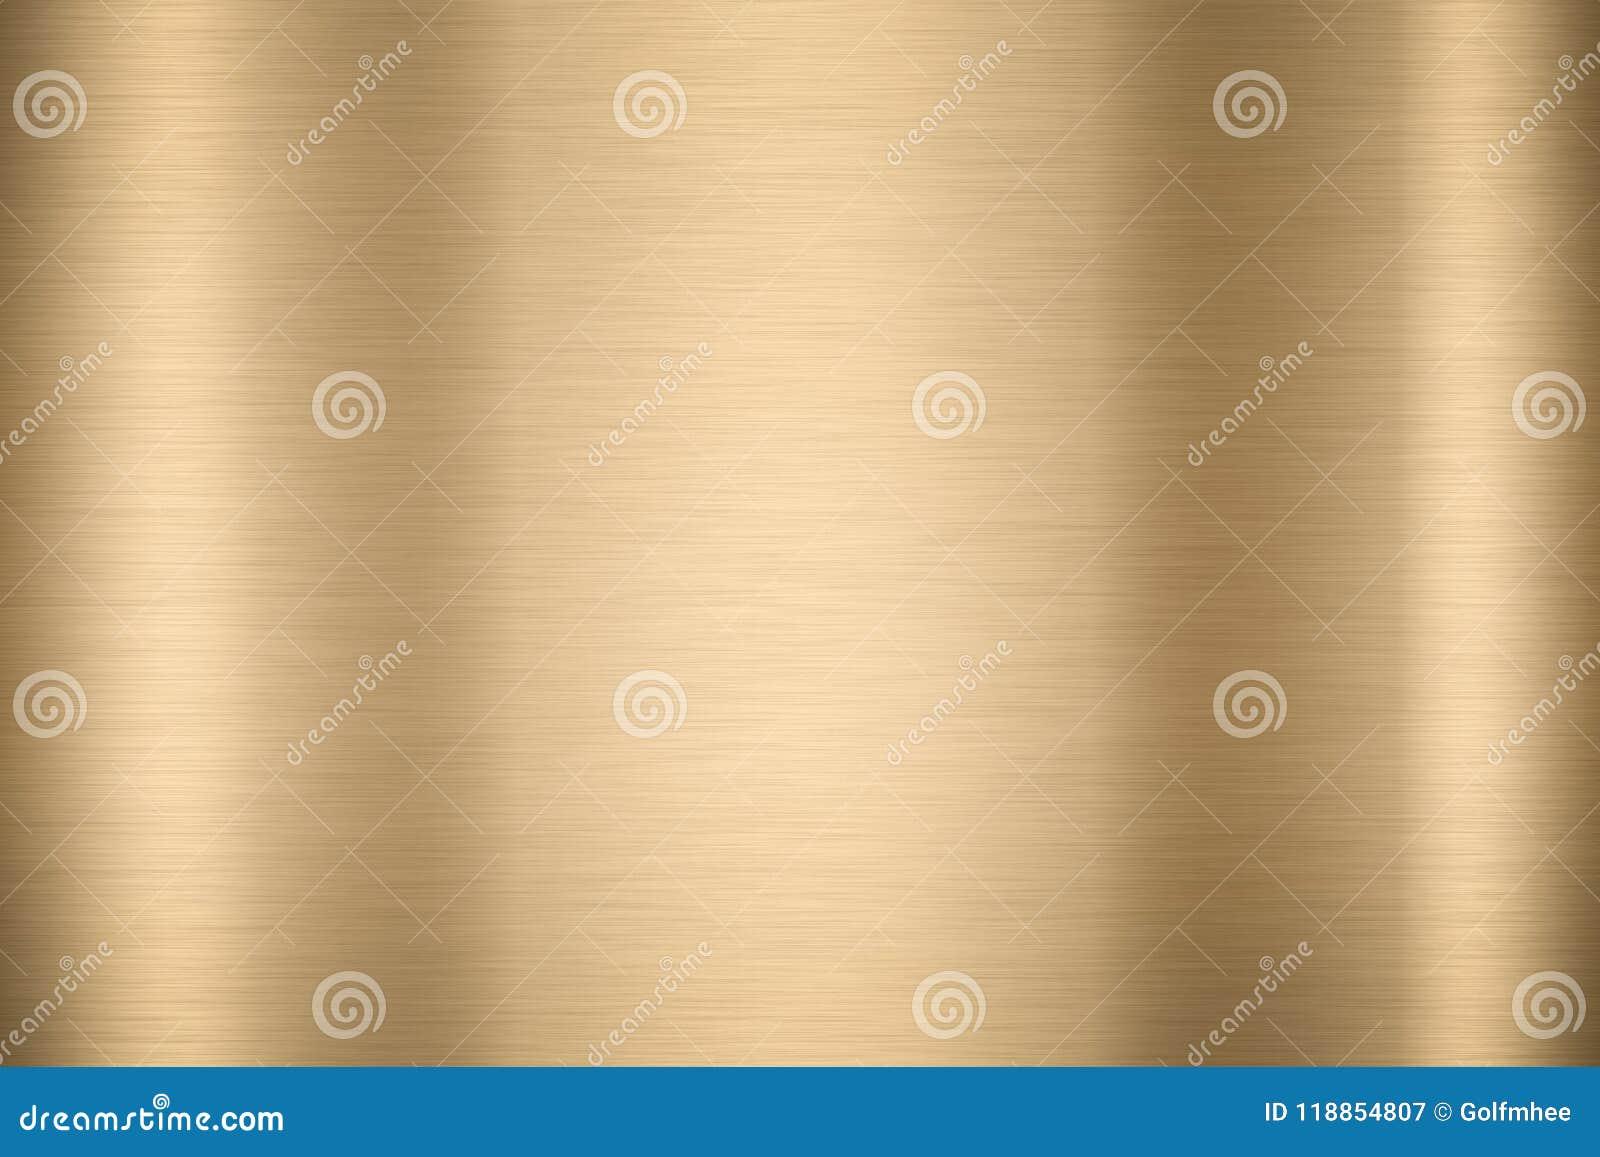 Abstrakter glänzender glatter Folienmetallgoldfarbhintergrund helles VI